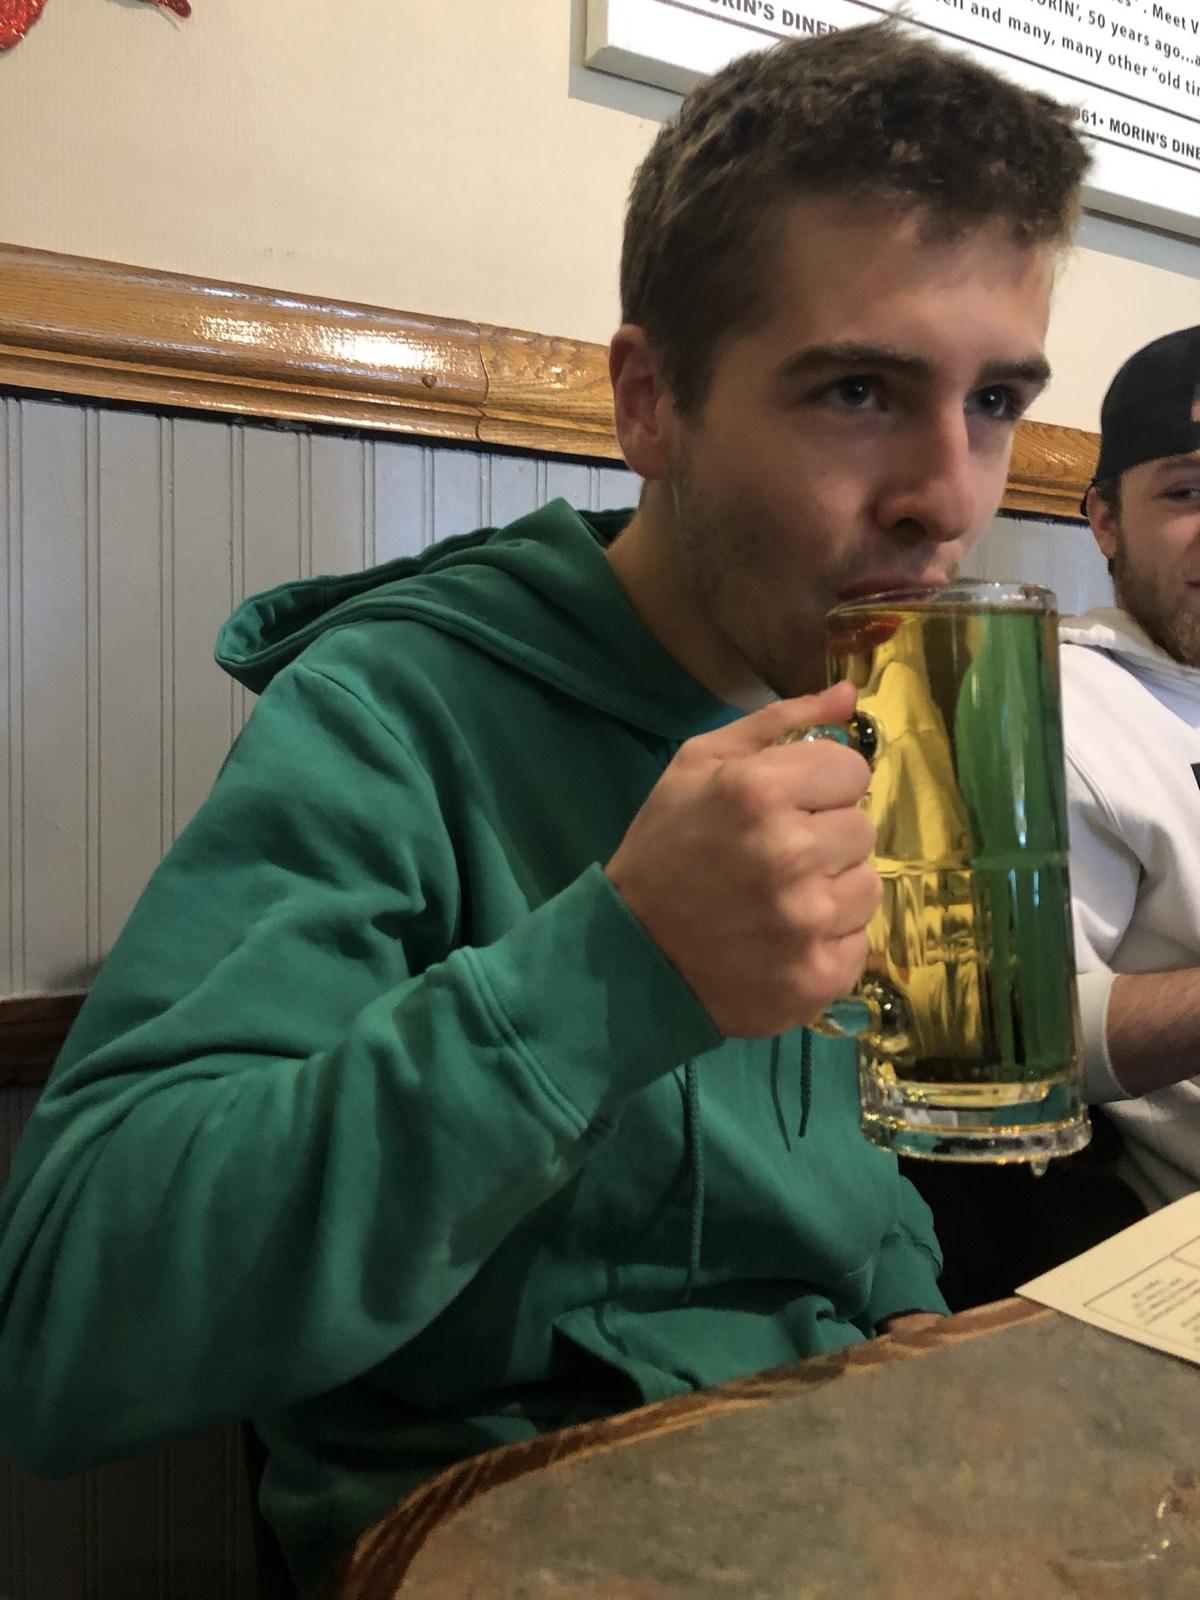 Отец купил совершеннолетнему сыну его первое пиво спустя 6 лет после смерти